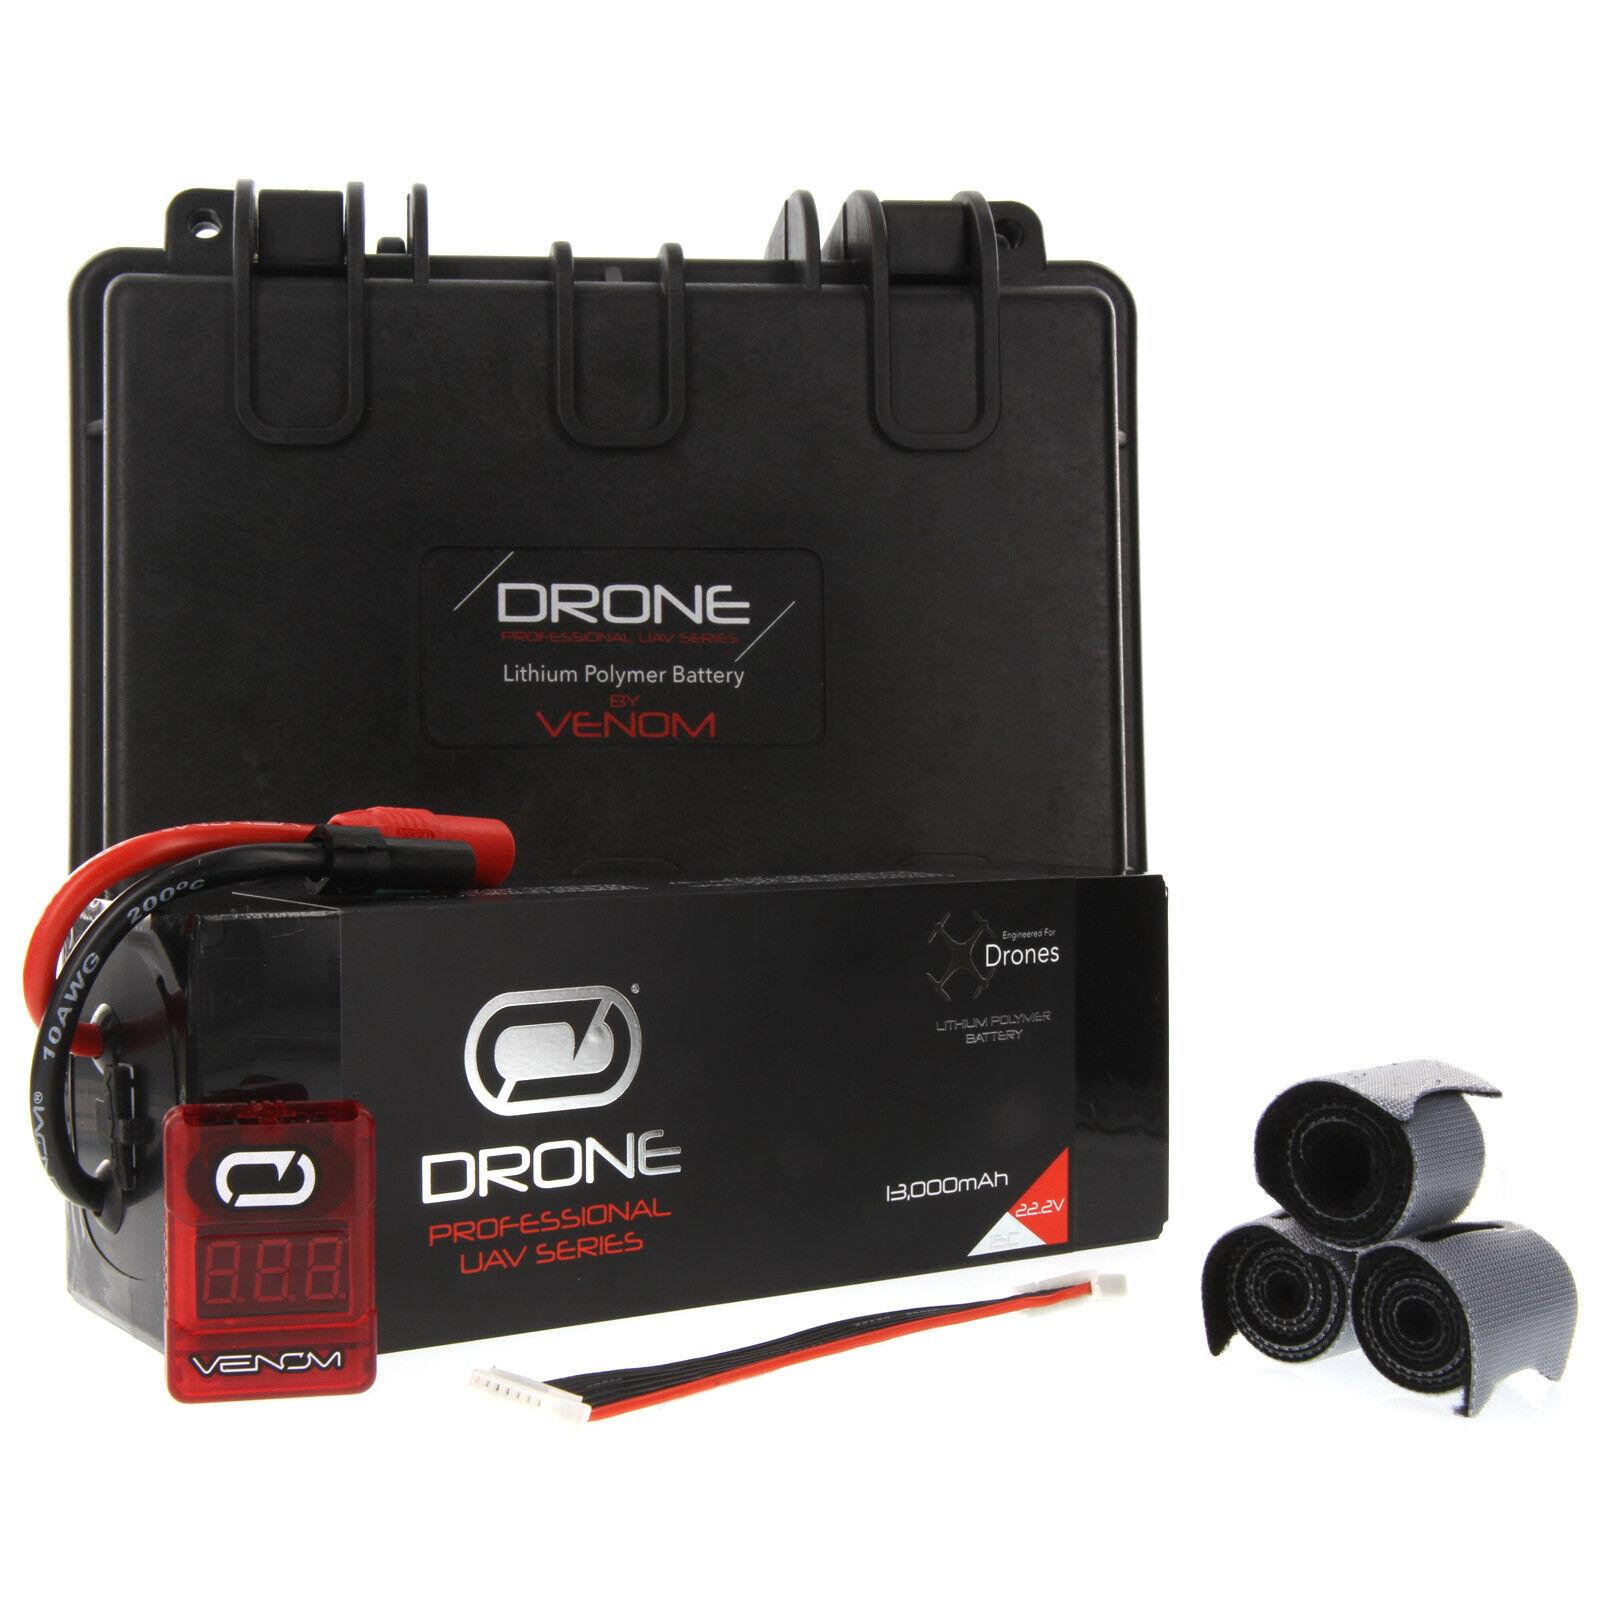 Venom 15C 6S 13000mAh 22.2V LiPo Drone Pro  Battery   Align 480L  grande sconto